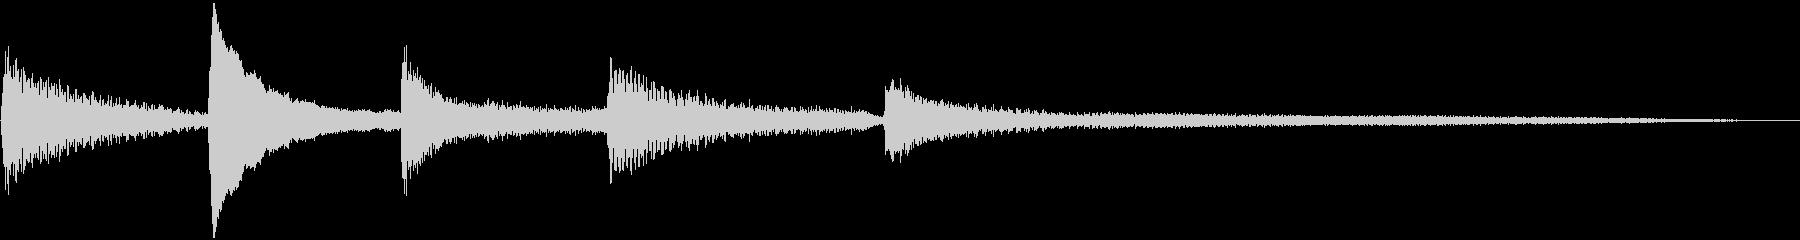 しっとり落ち着いたピアノのジングル10秒の未再生の波形